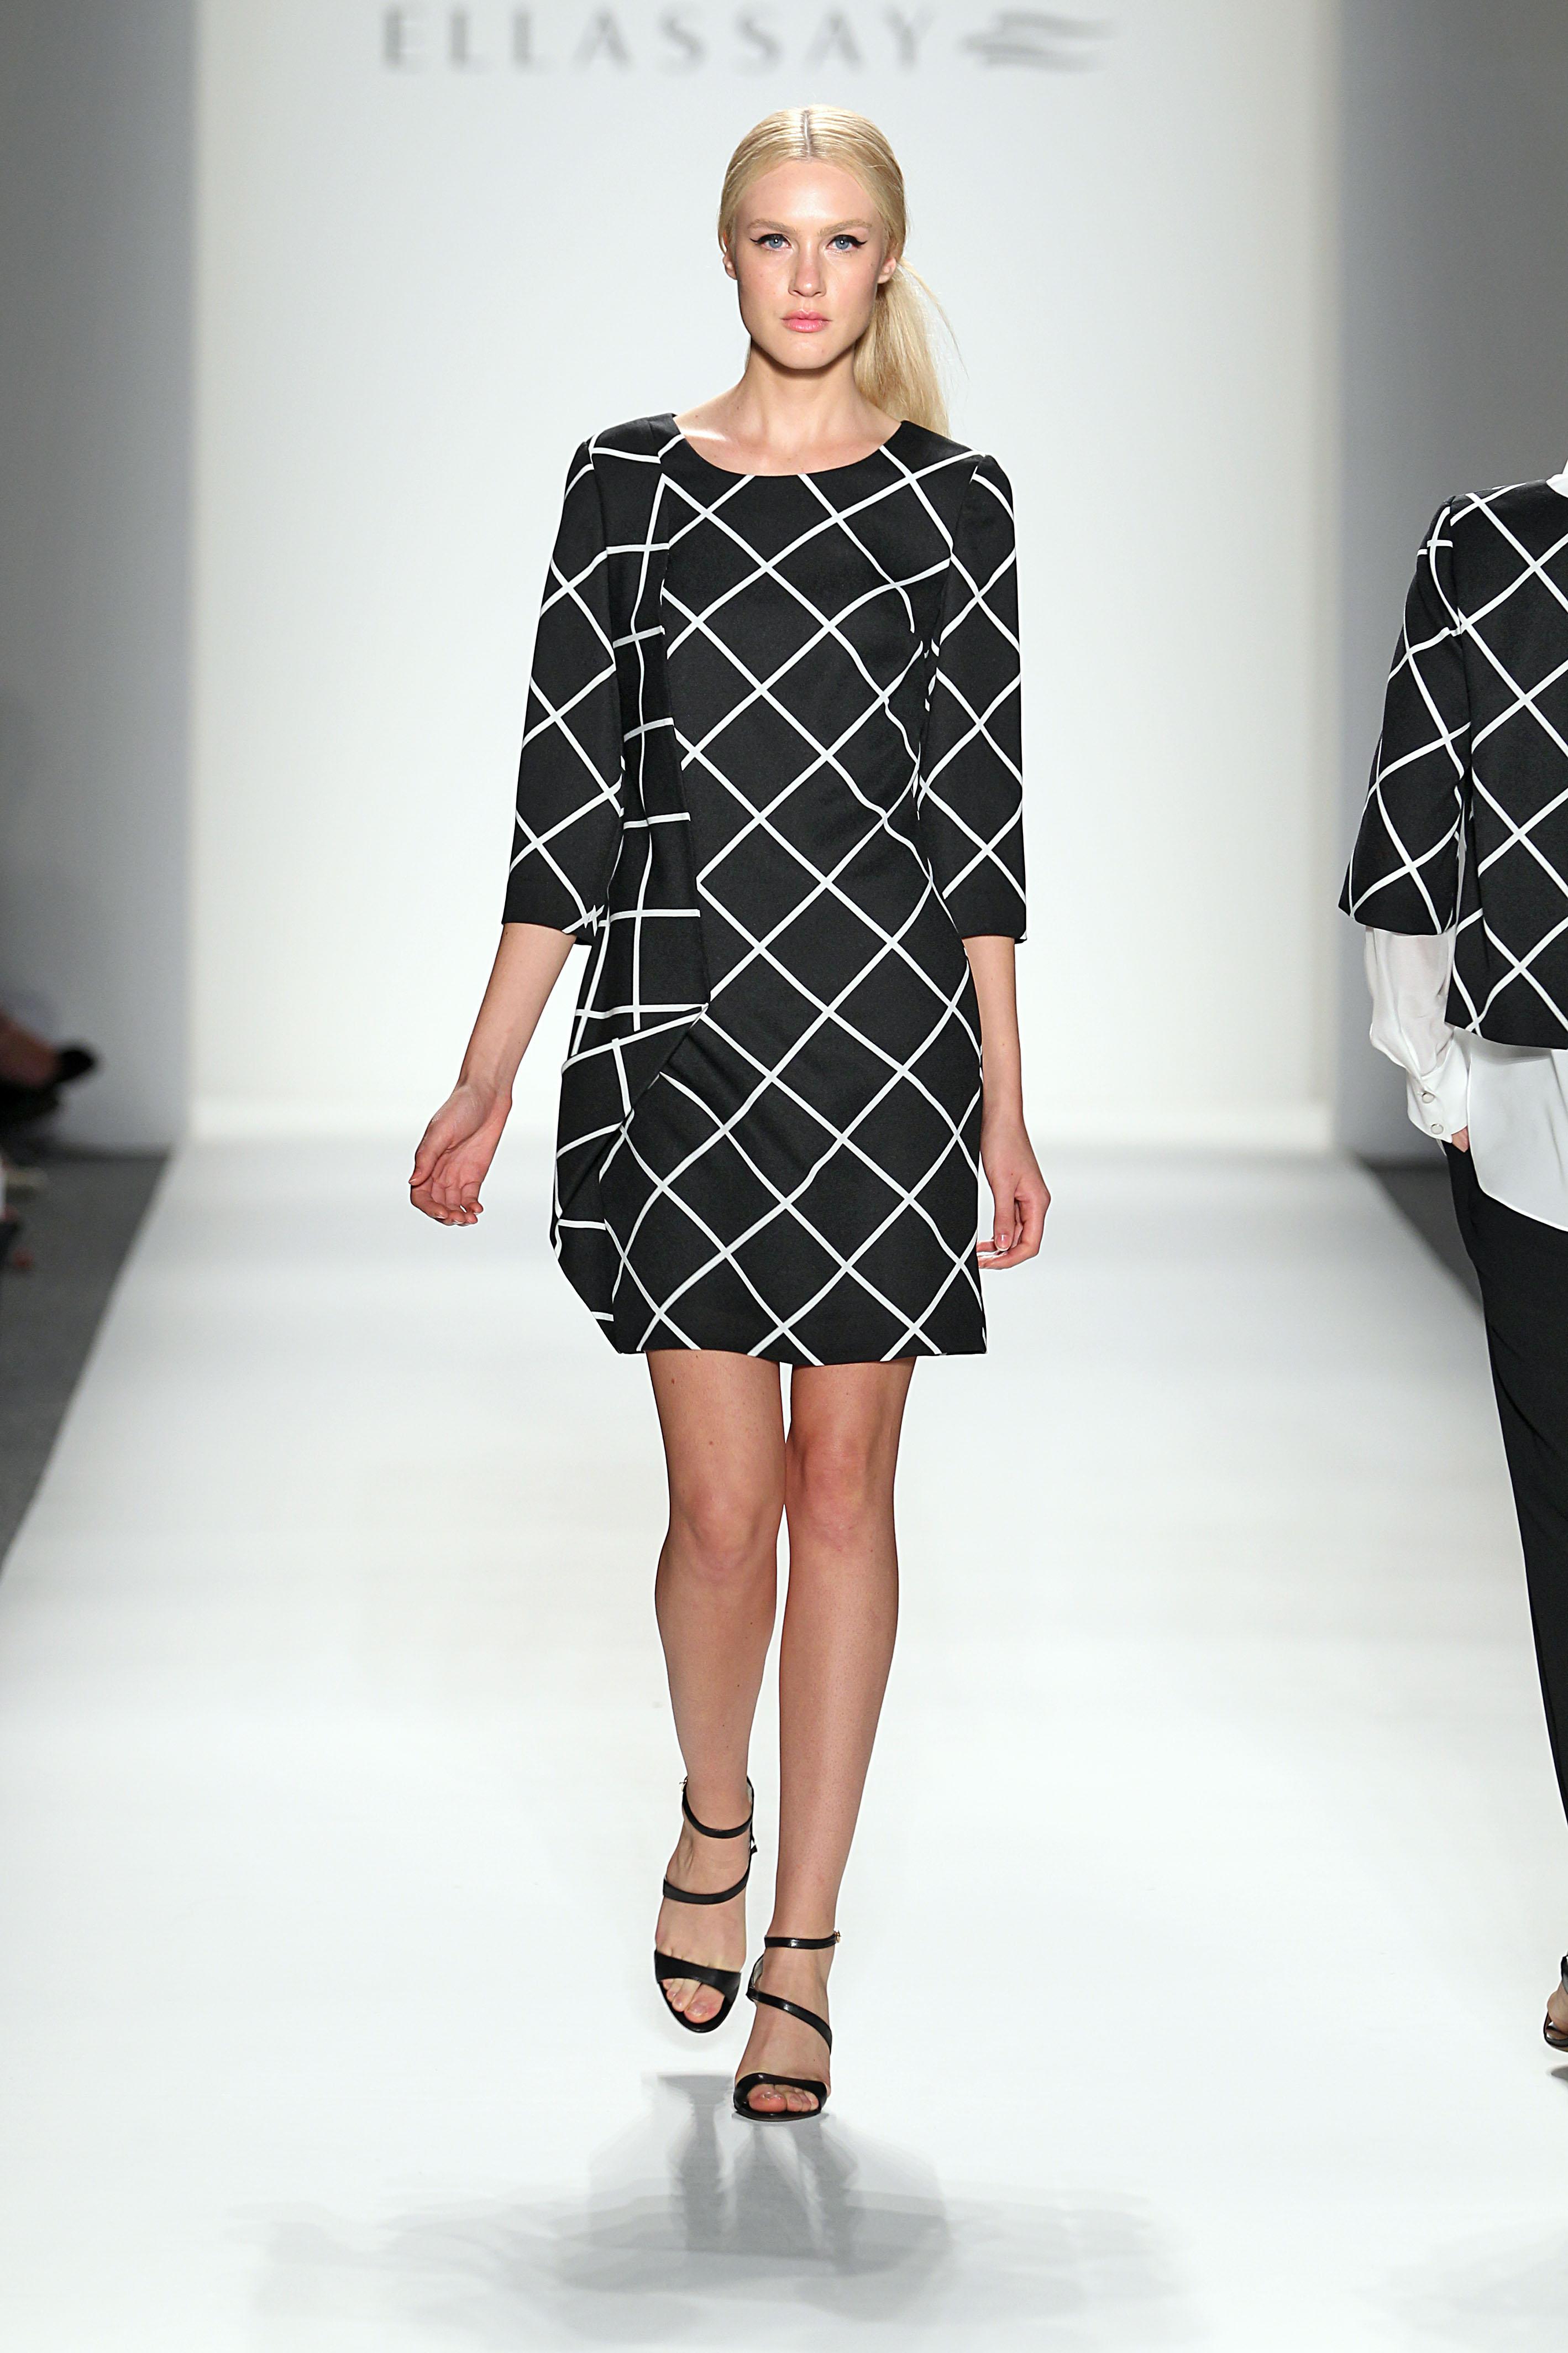 Classic Designer Fashion Pieces